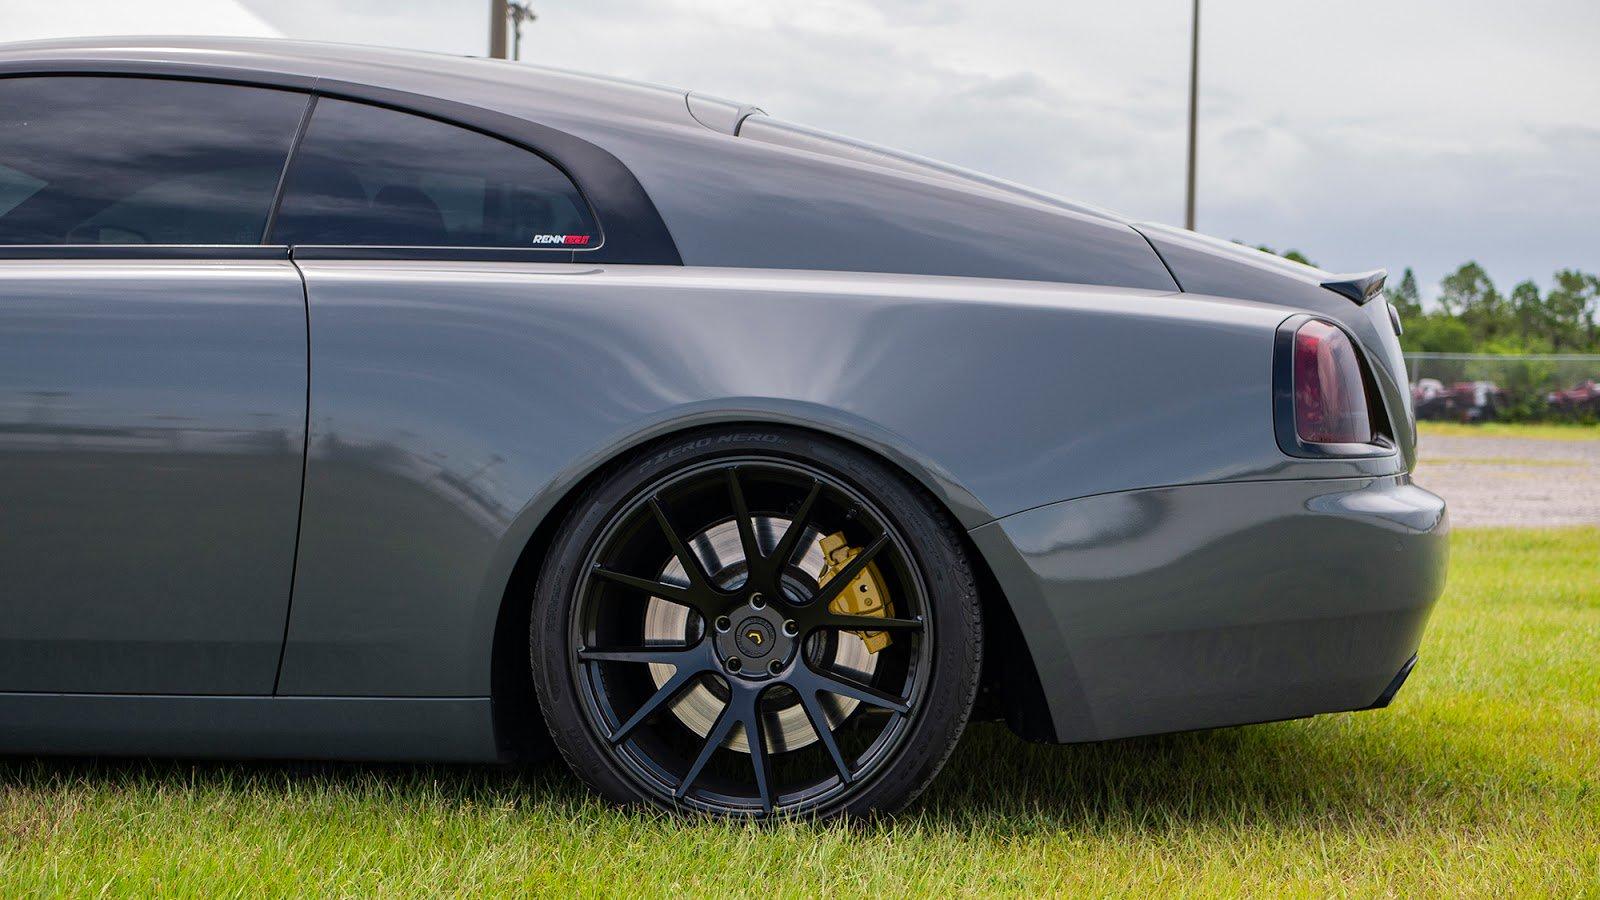 Rolls-Royce Wraith byRenntech (2)